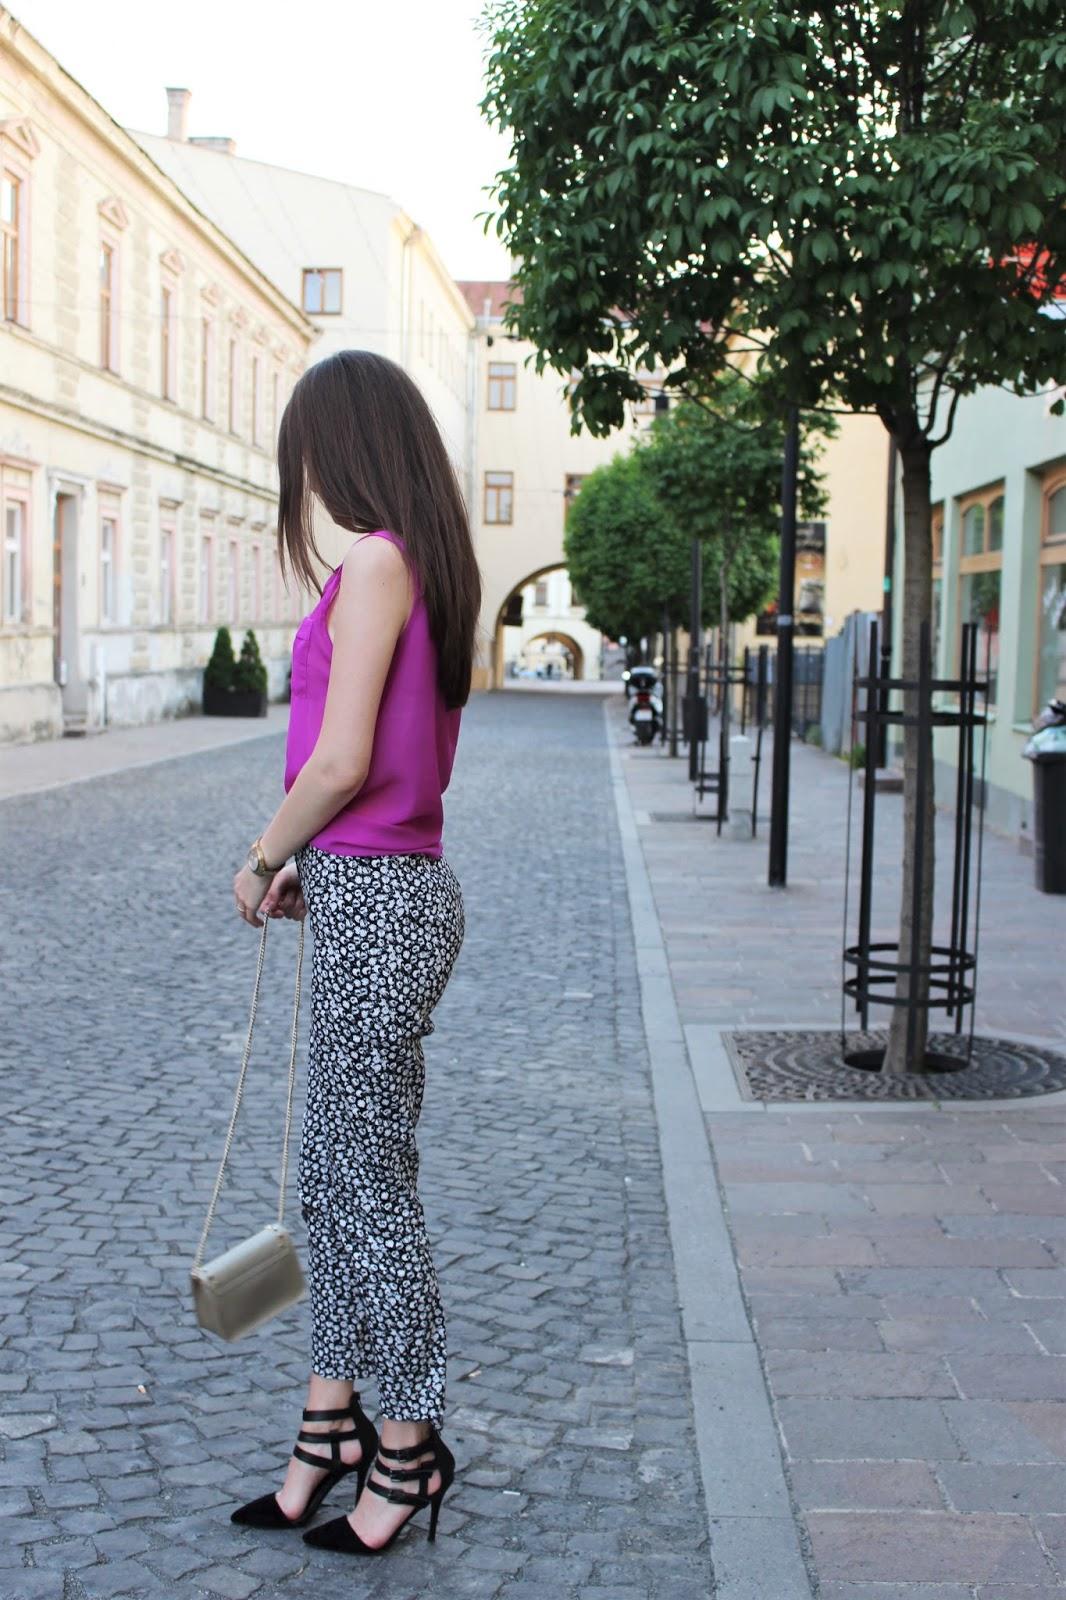 chino style pants